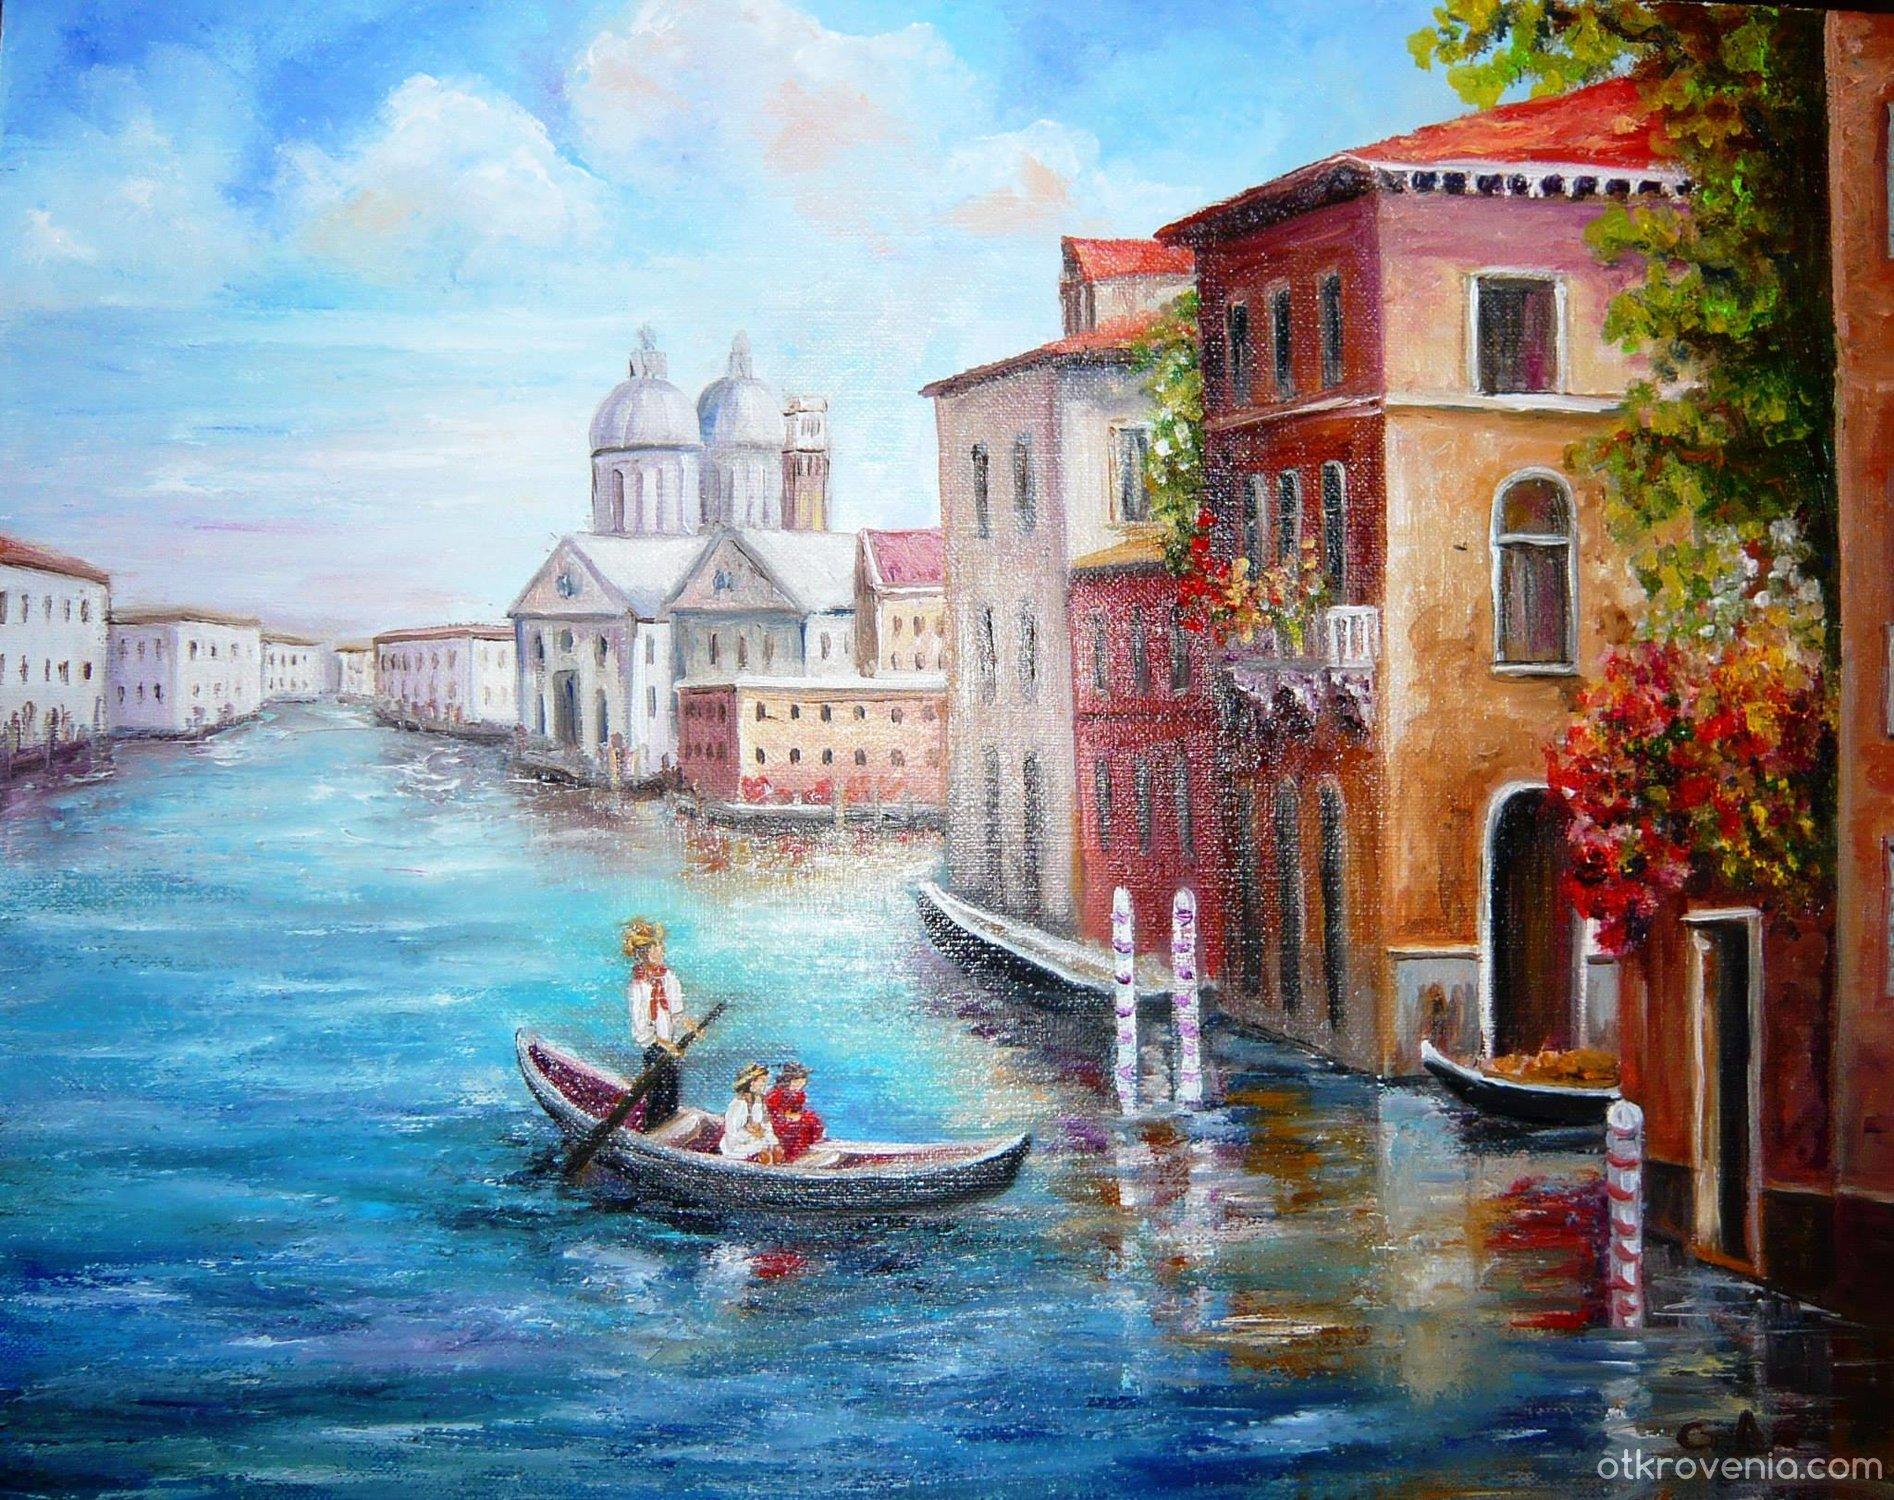 Картинка с венецией нарисованная, подарок любимому учителю